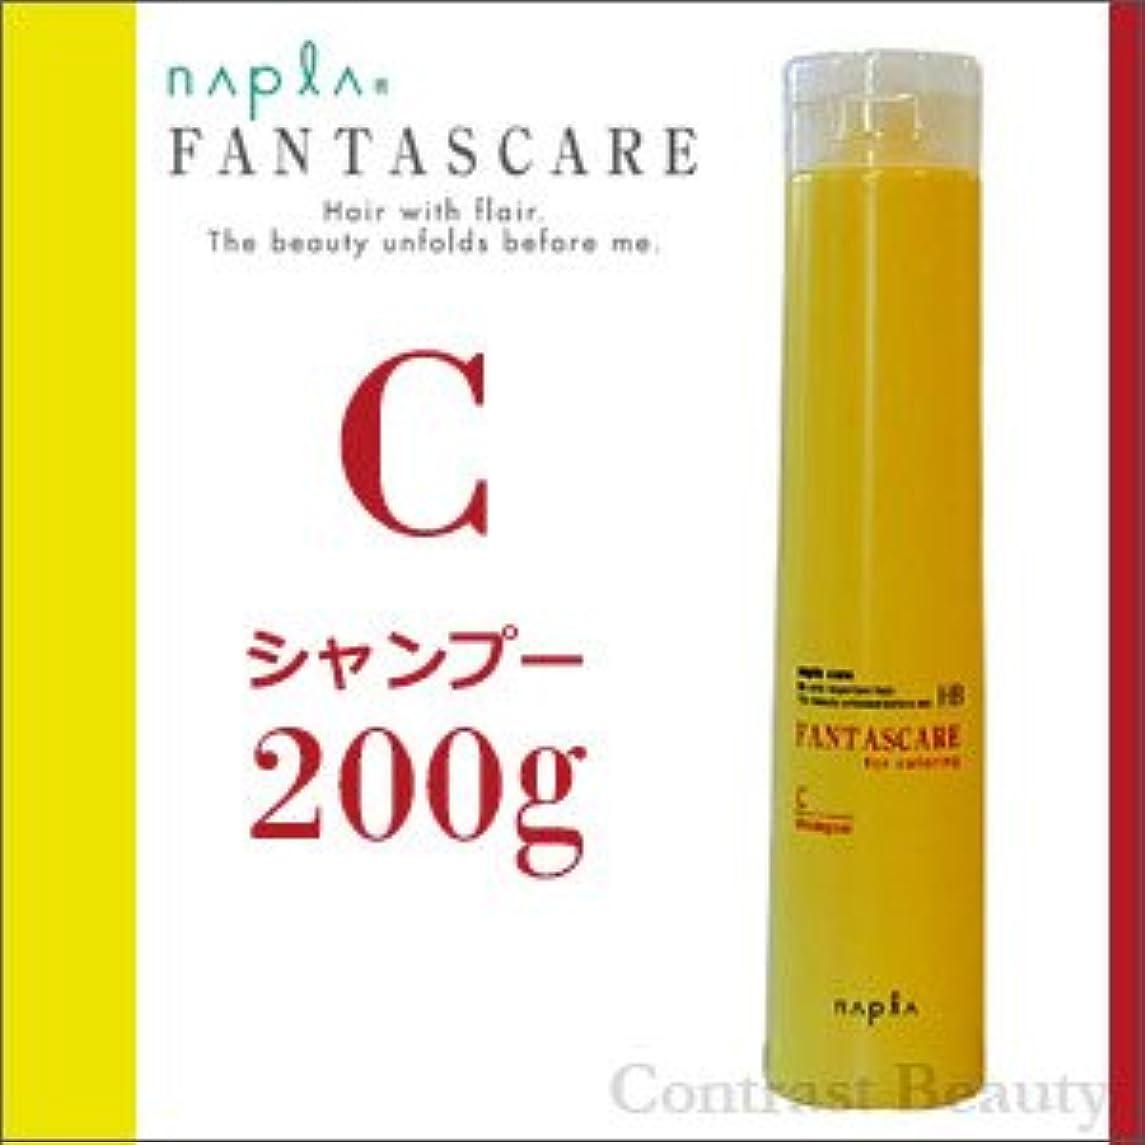 矢印うれしいバター【X3個セット】 ナプラ ファンタスケア Cシャンプー 200g napla